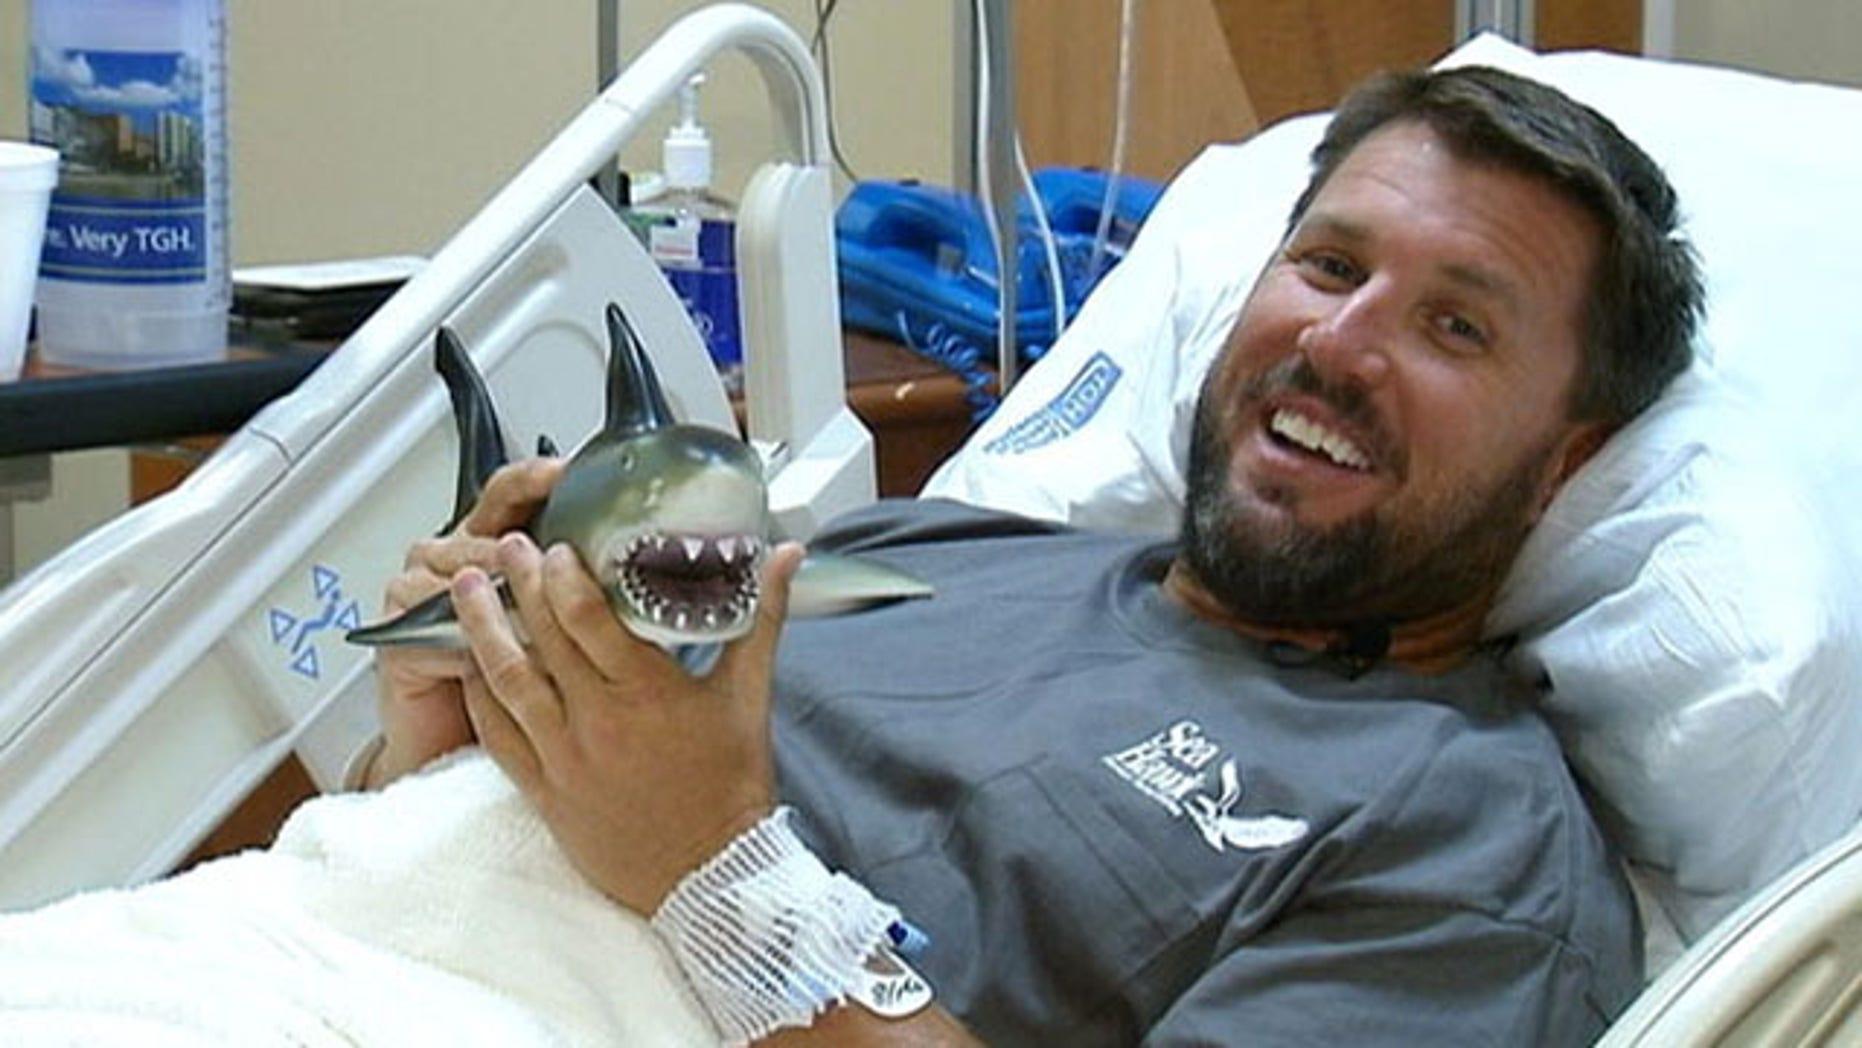 Shark bite survivor Erik Norrie plays with a toy shark a friend got him as a joke.